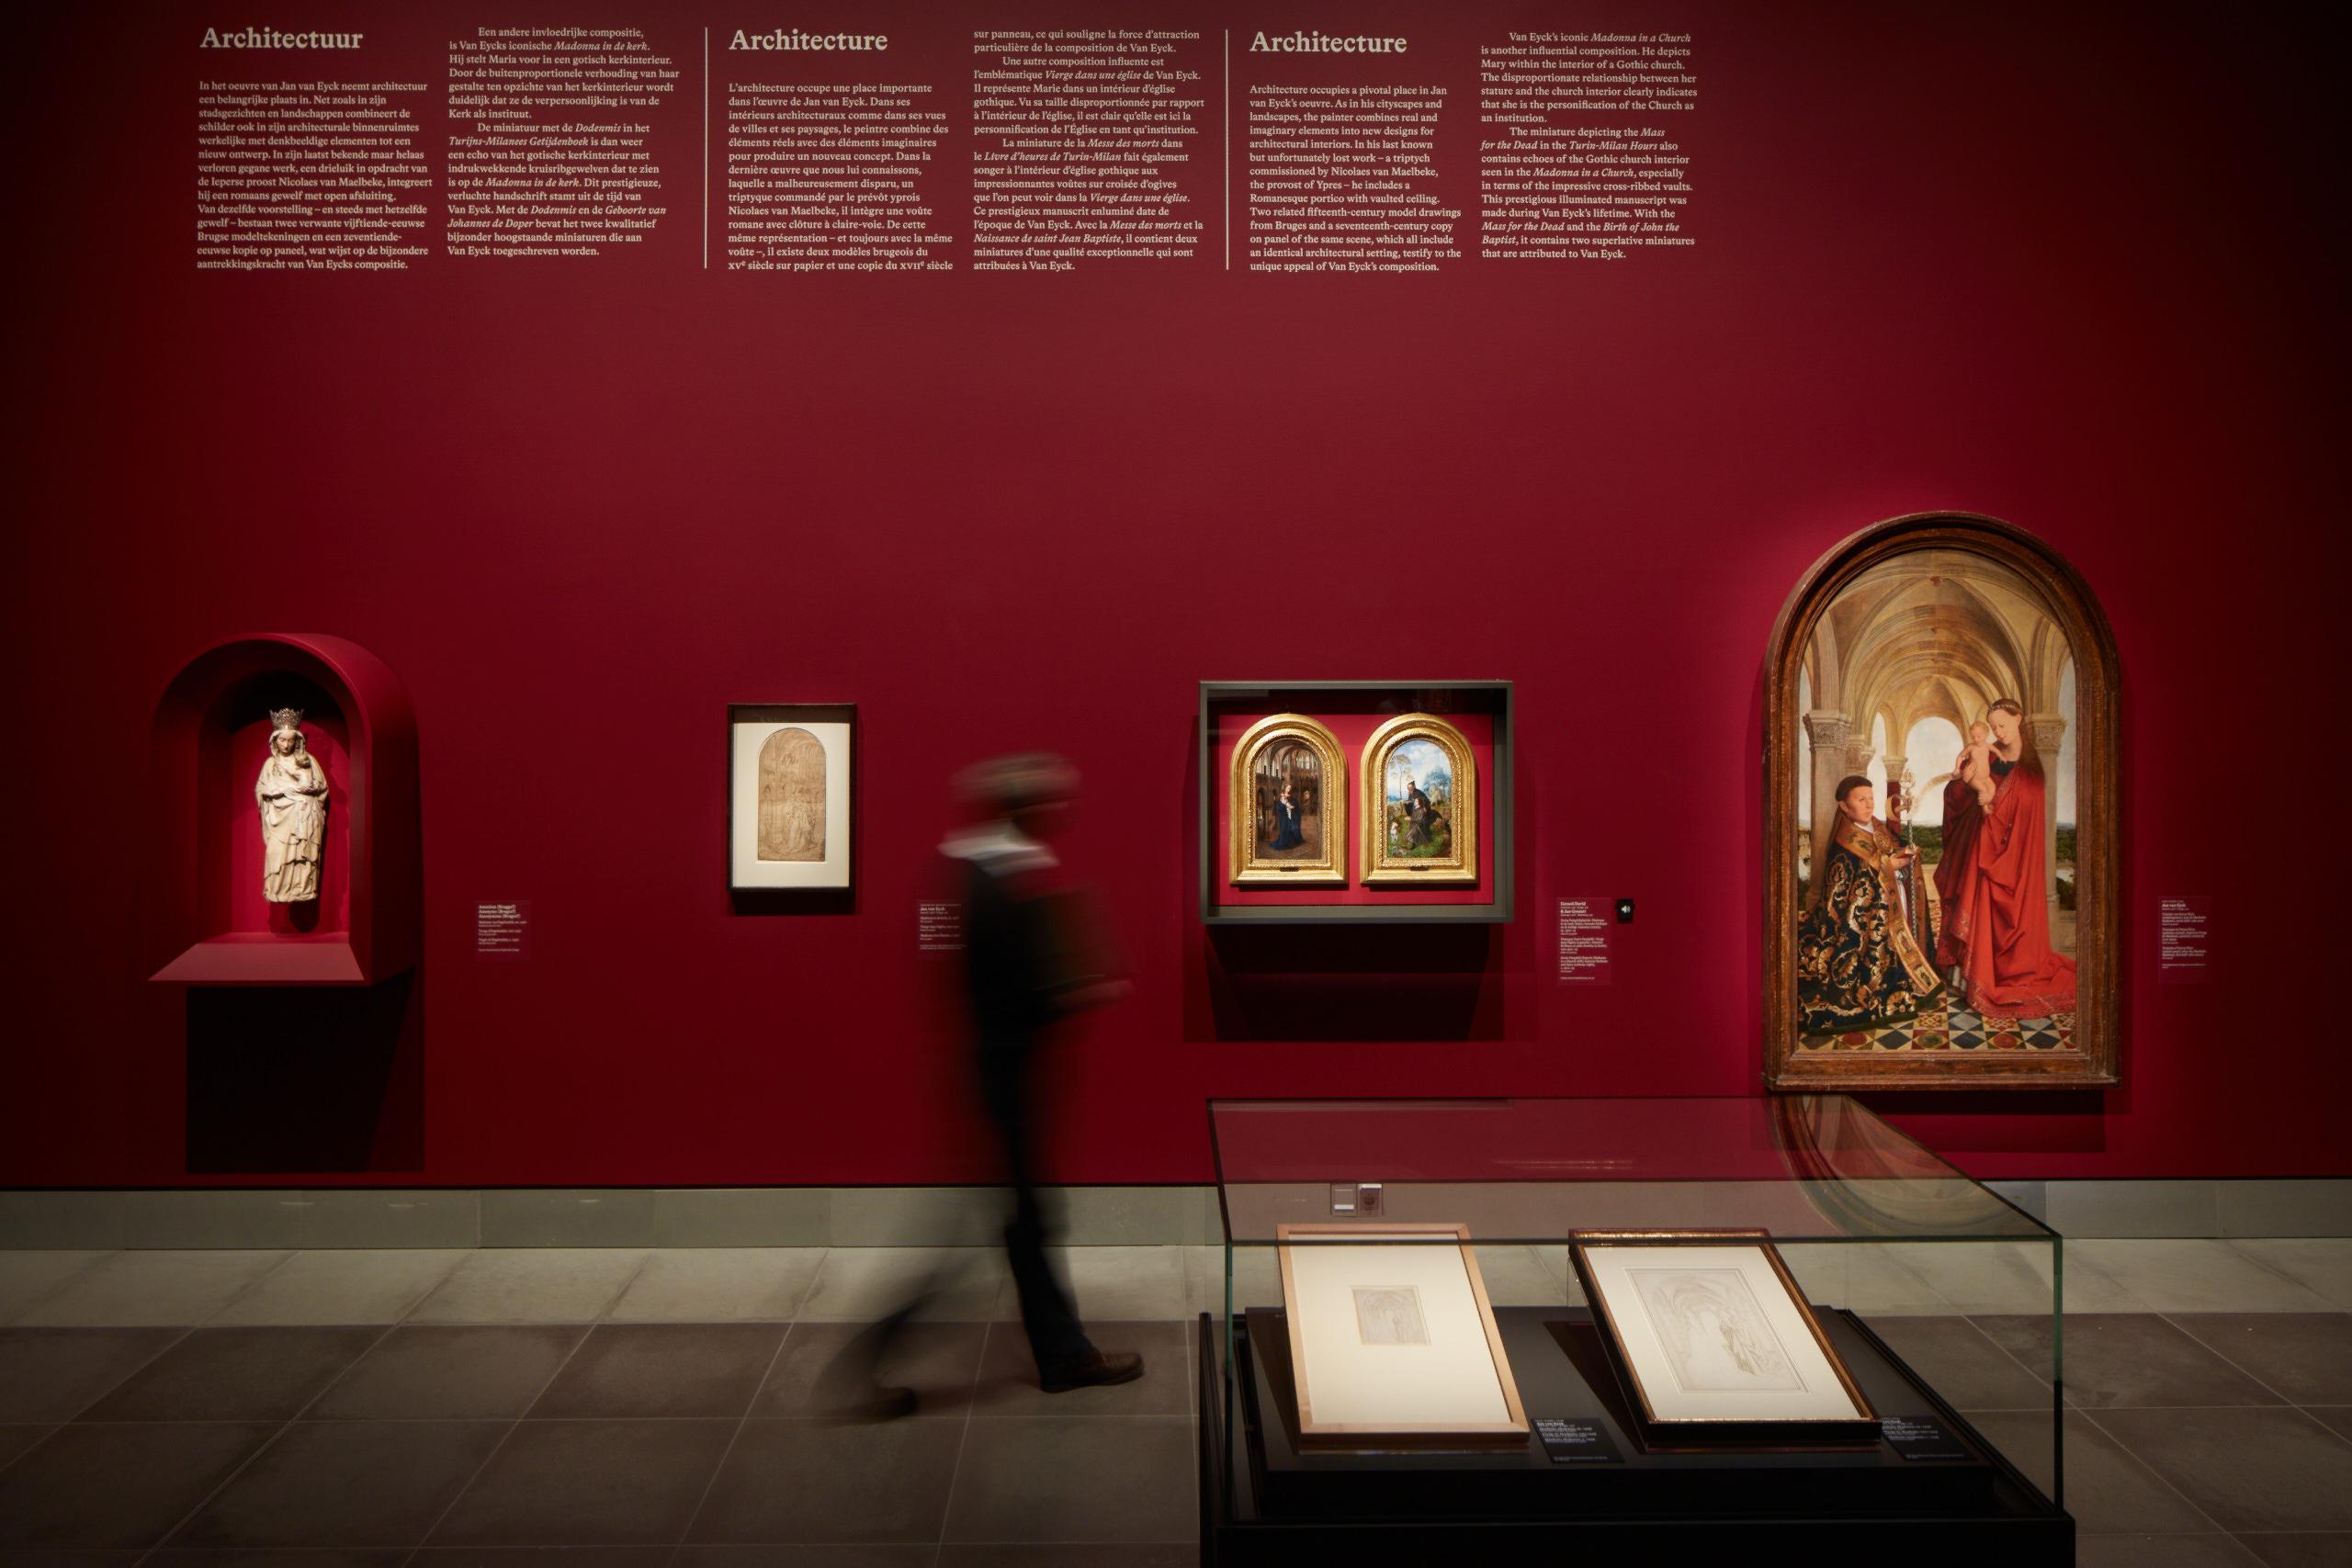 Van Eyck Gent